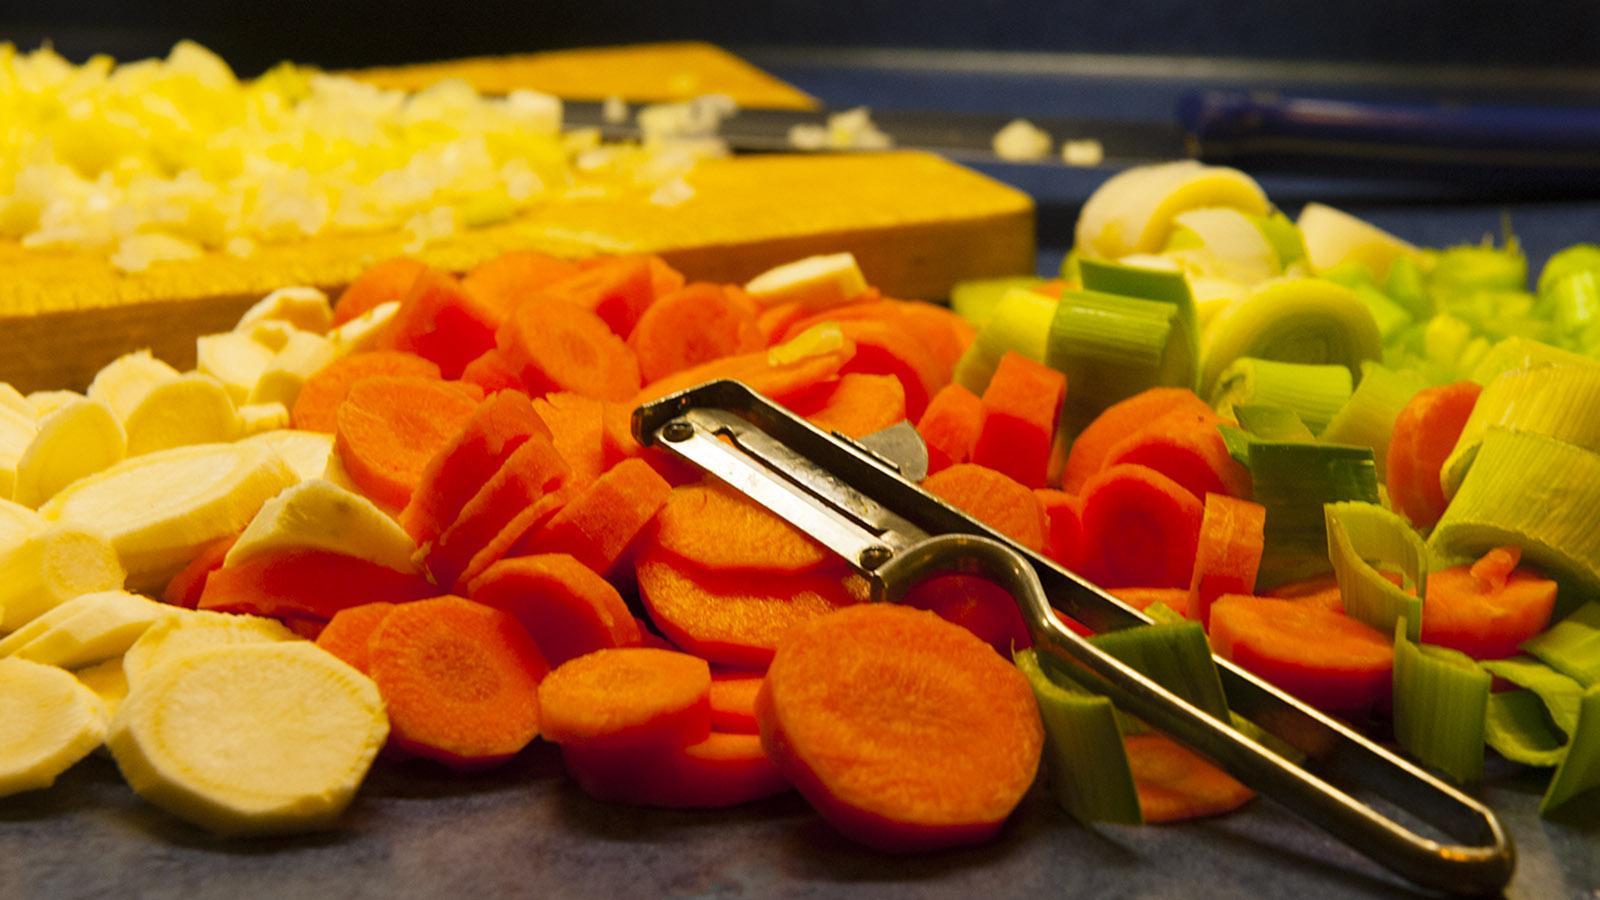 Soupe Savoyarde: Dieses Gemüse wandert in die Wintersuppe! Foto: Hilke Maunder